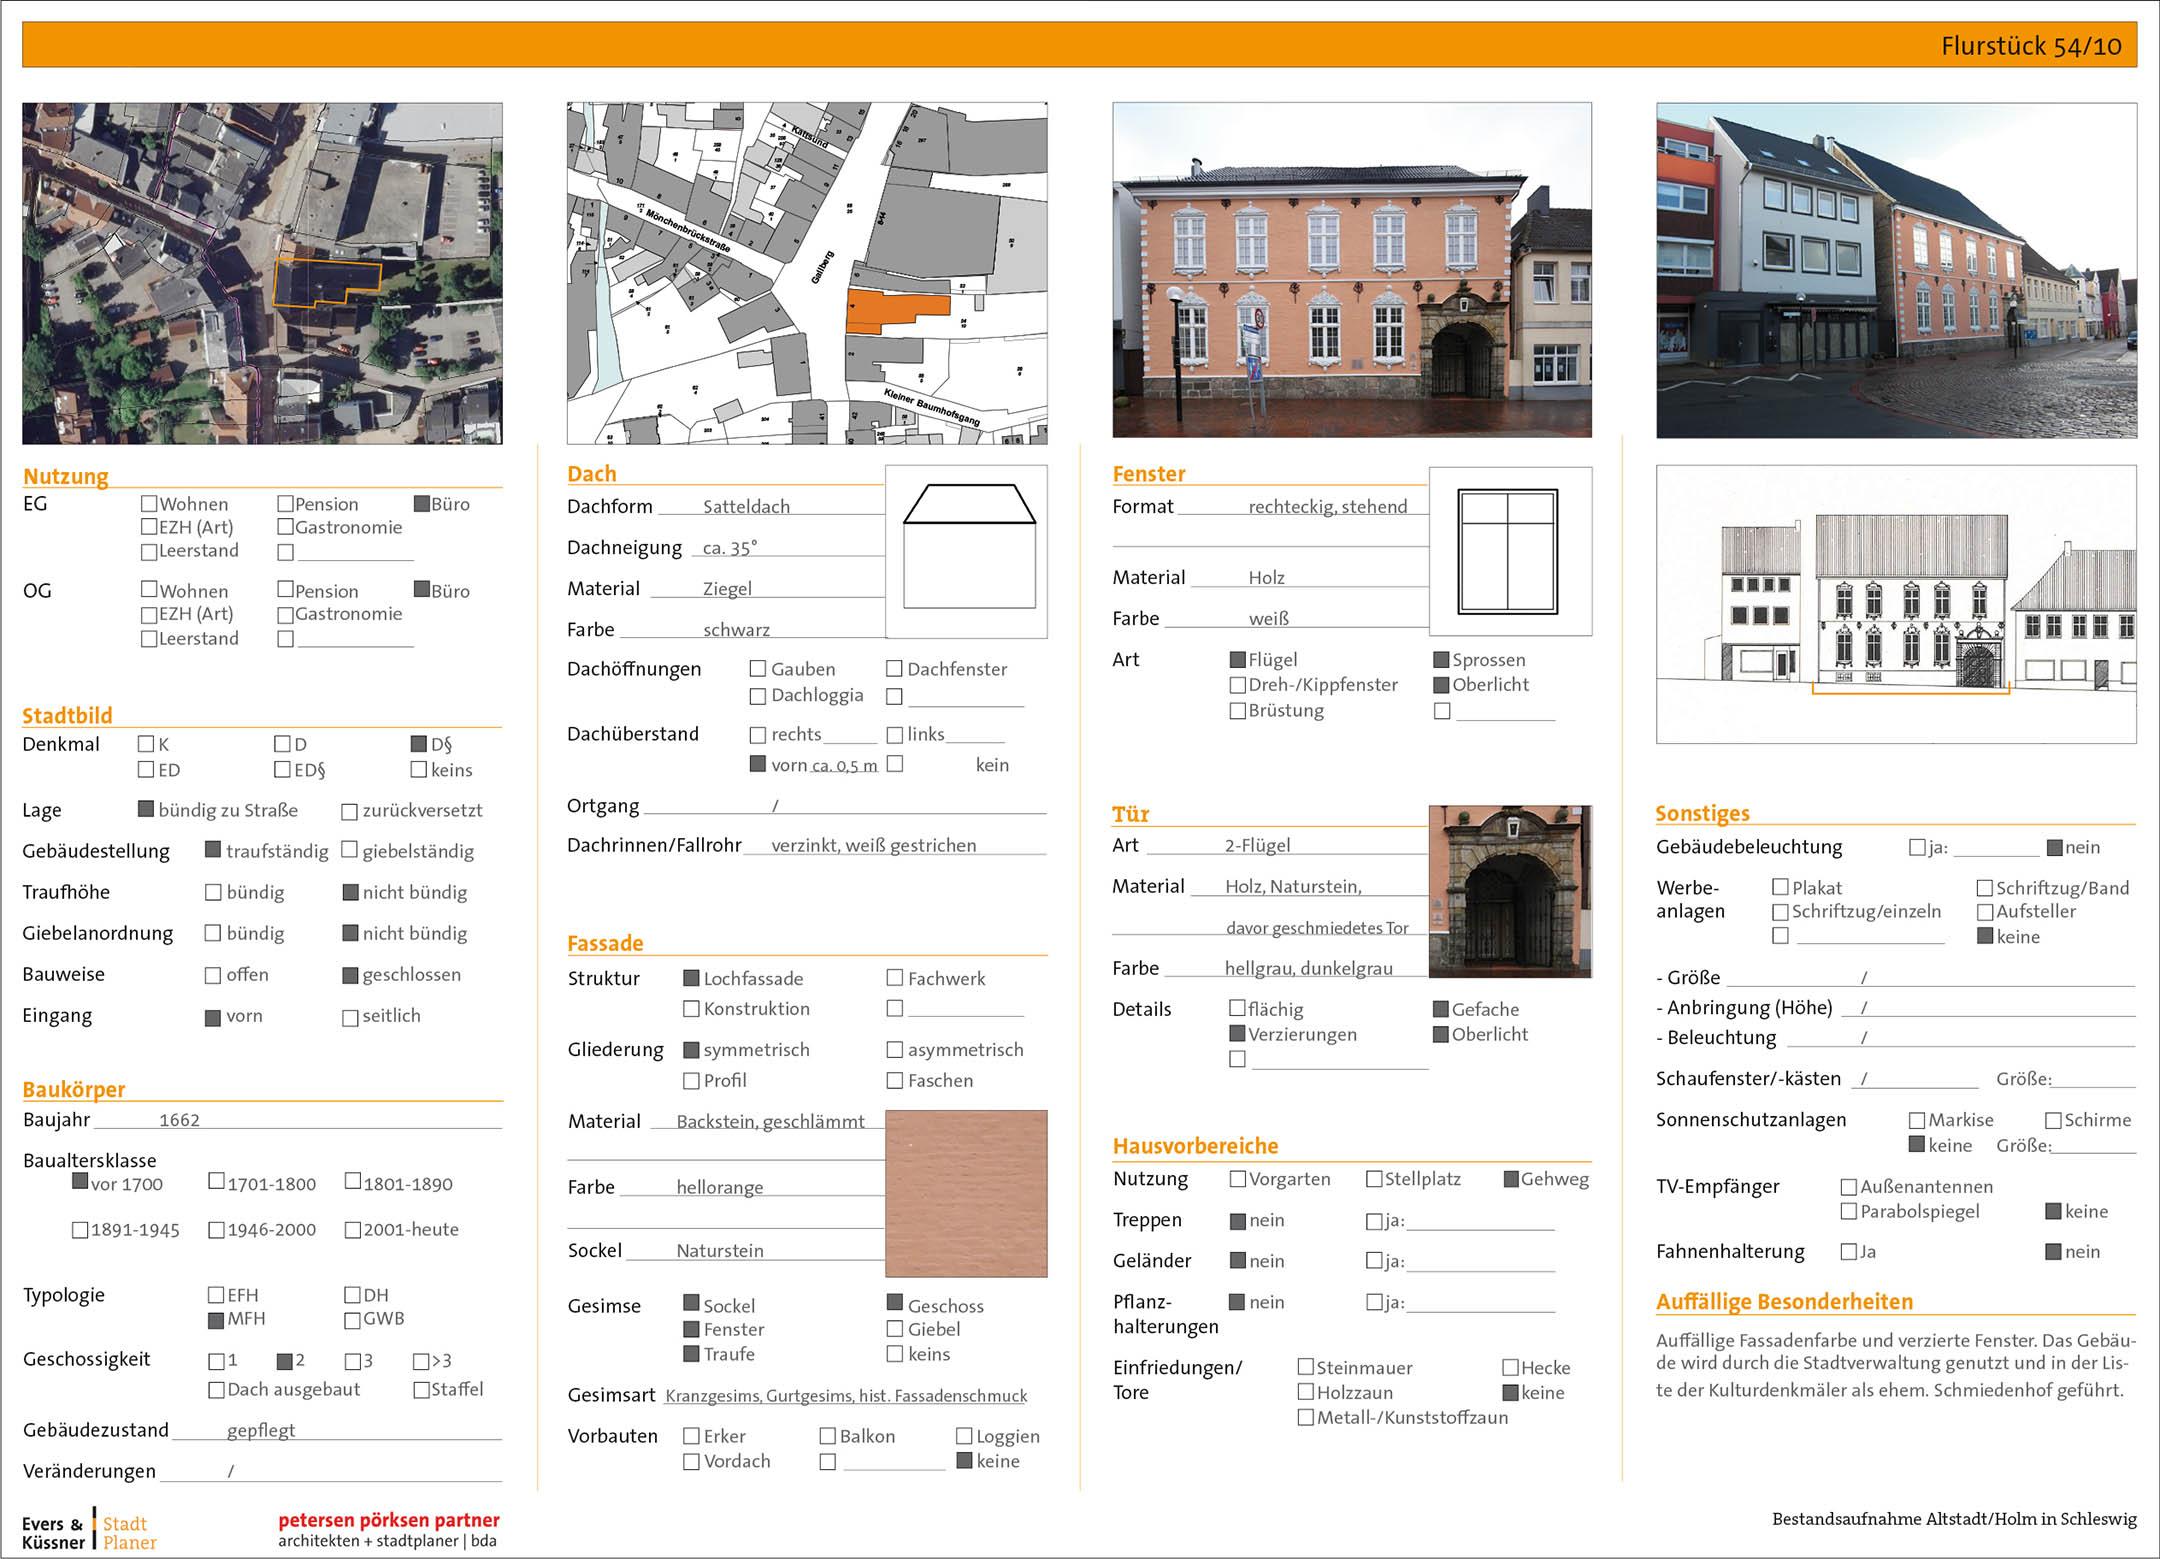 Gestaltungssatzung Altstadt Holm Schleswig Gebäudesteckbrief